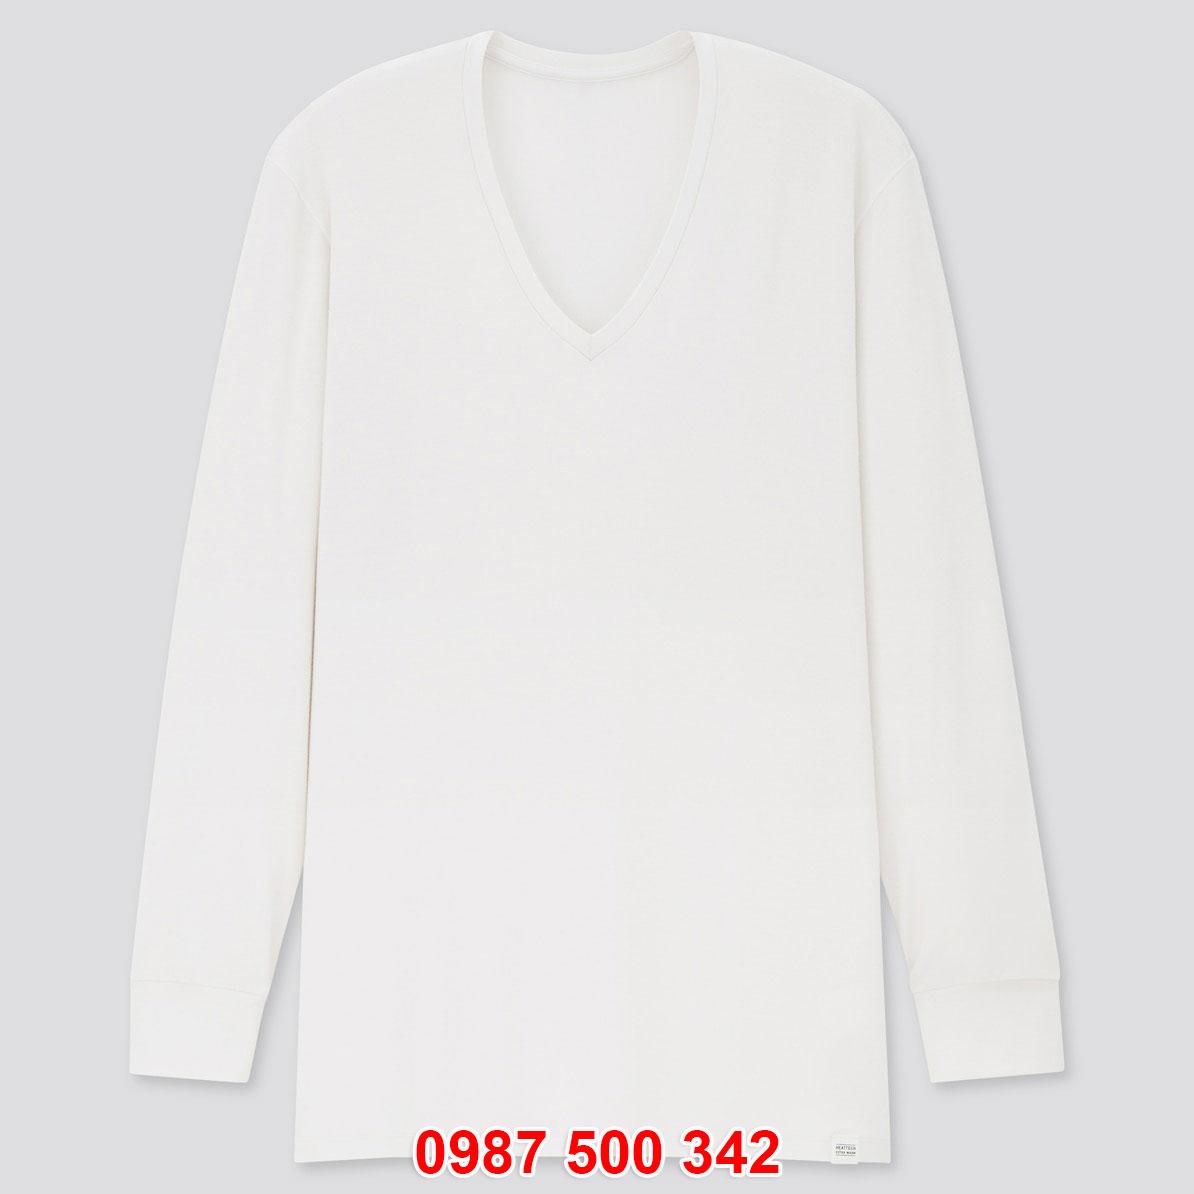 Áo giữ nhiệt nam Uniqlo Heattech Extra Warm cổ tim màu trắng 00 WHITE